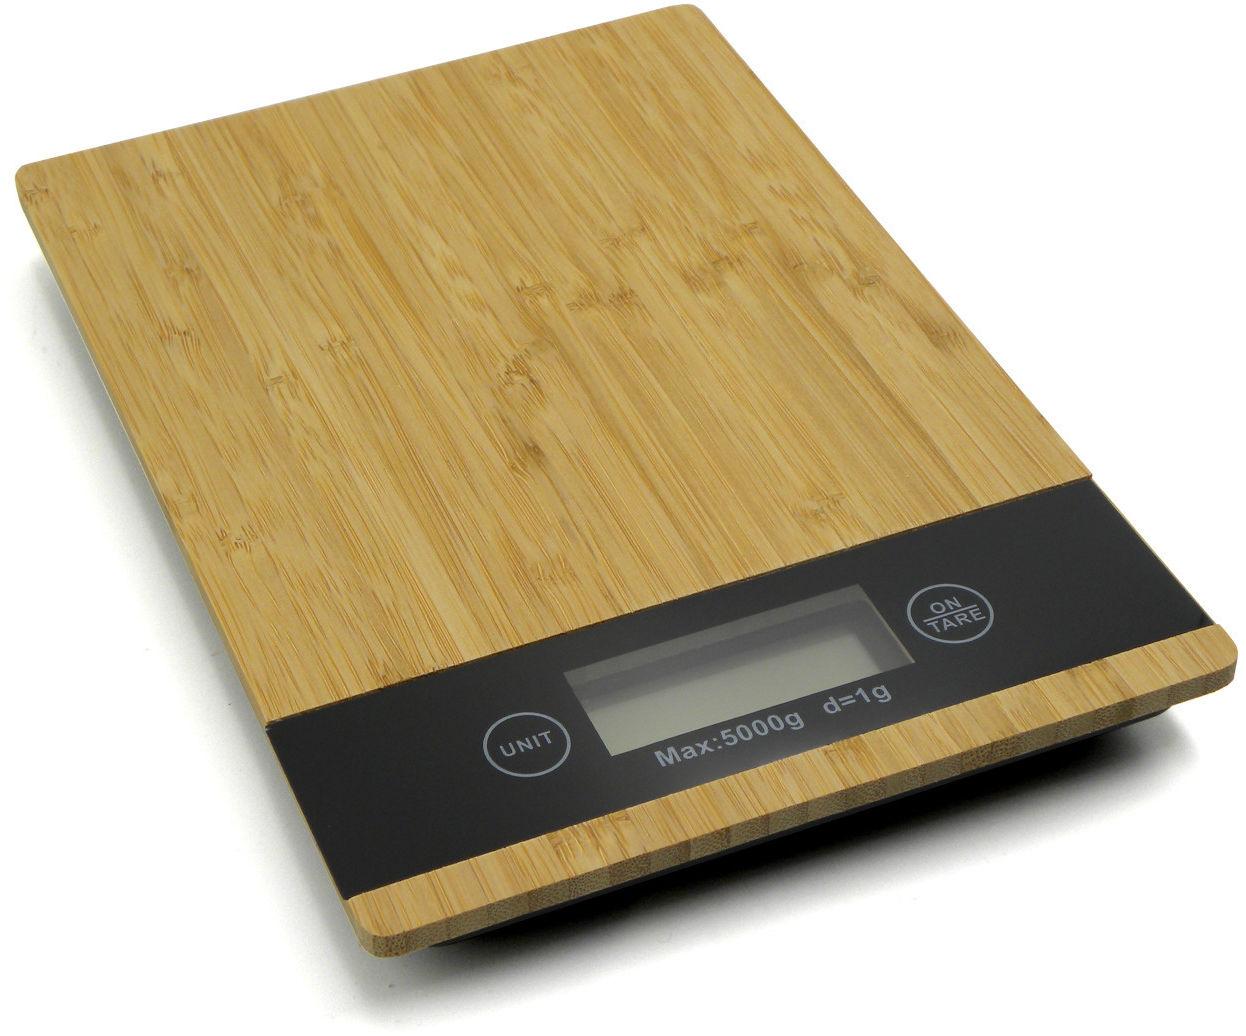 Waga kuchenna bambusowa 5kg LCD 23x16cm (GH03002)